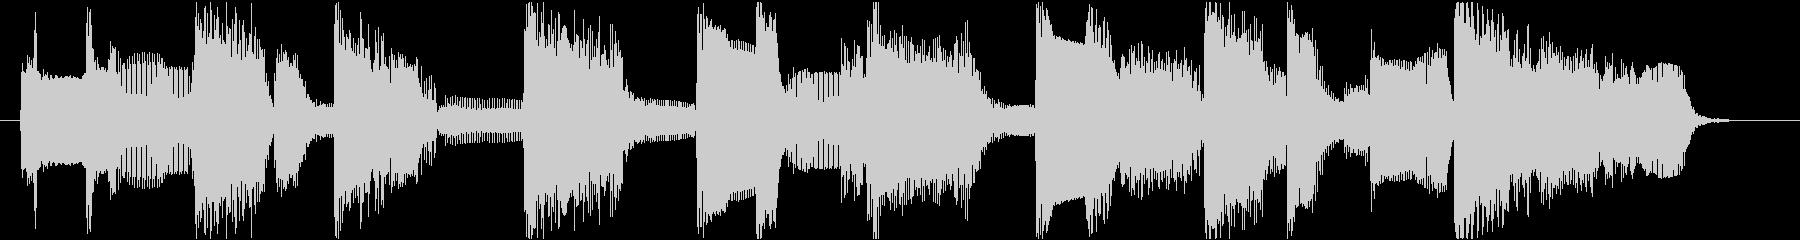 ローズピアノのブルージーなジングル11秒の未再生の波形